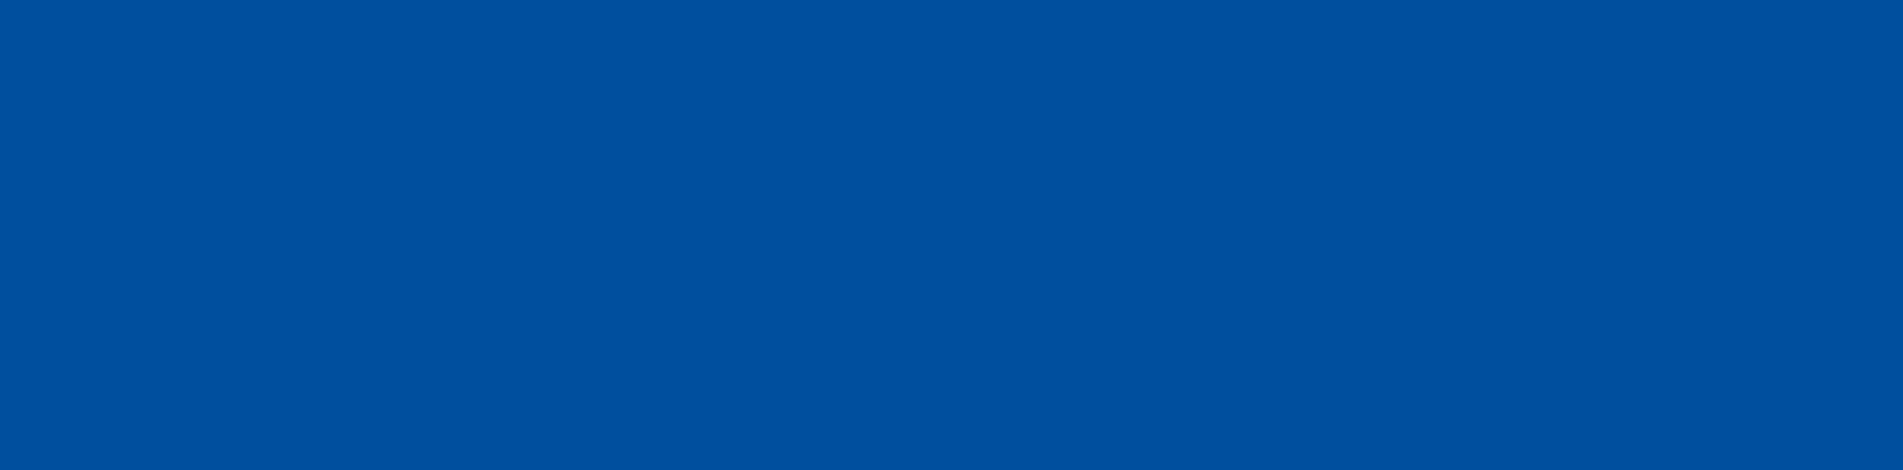 blau-slider